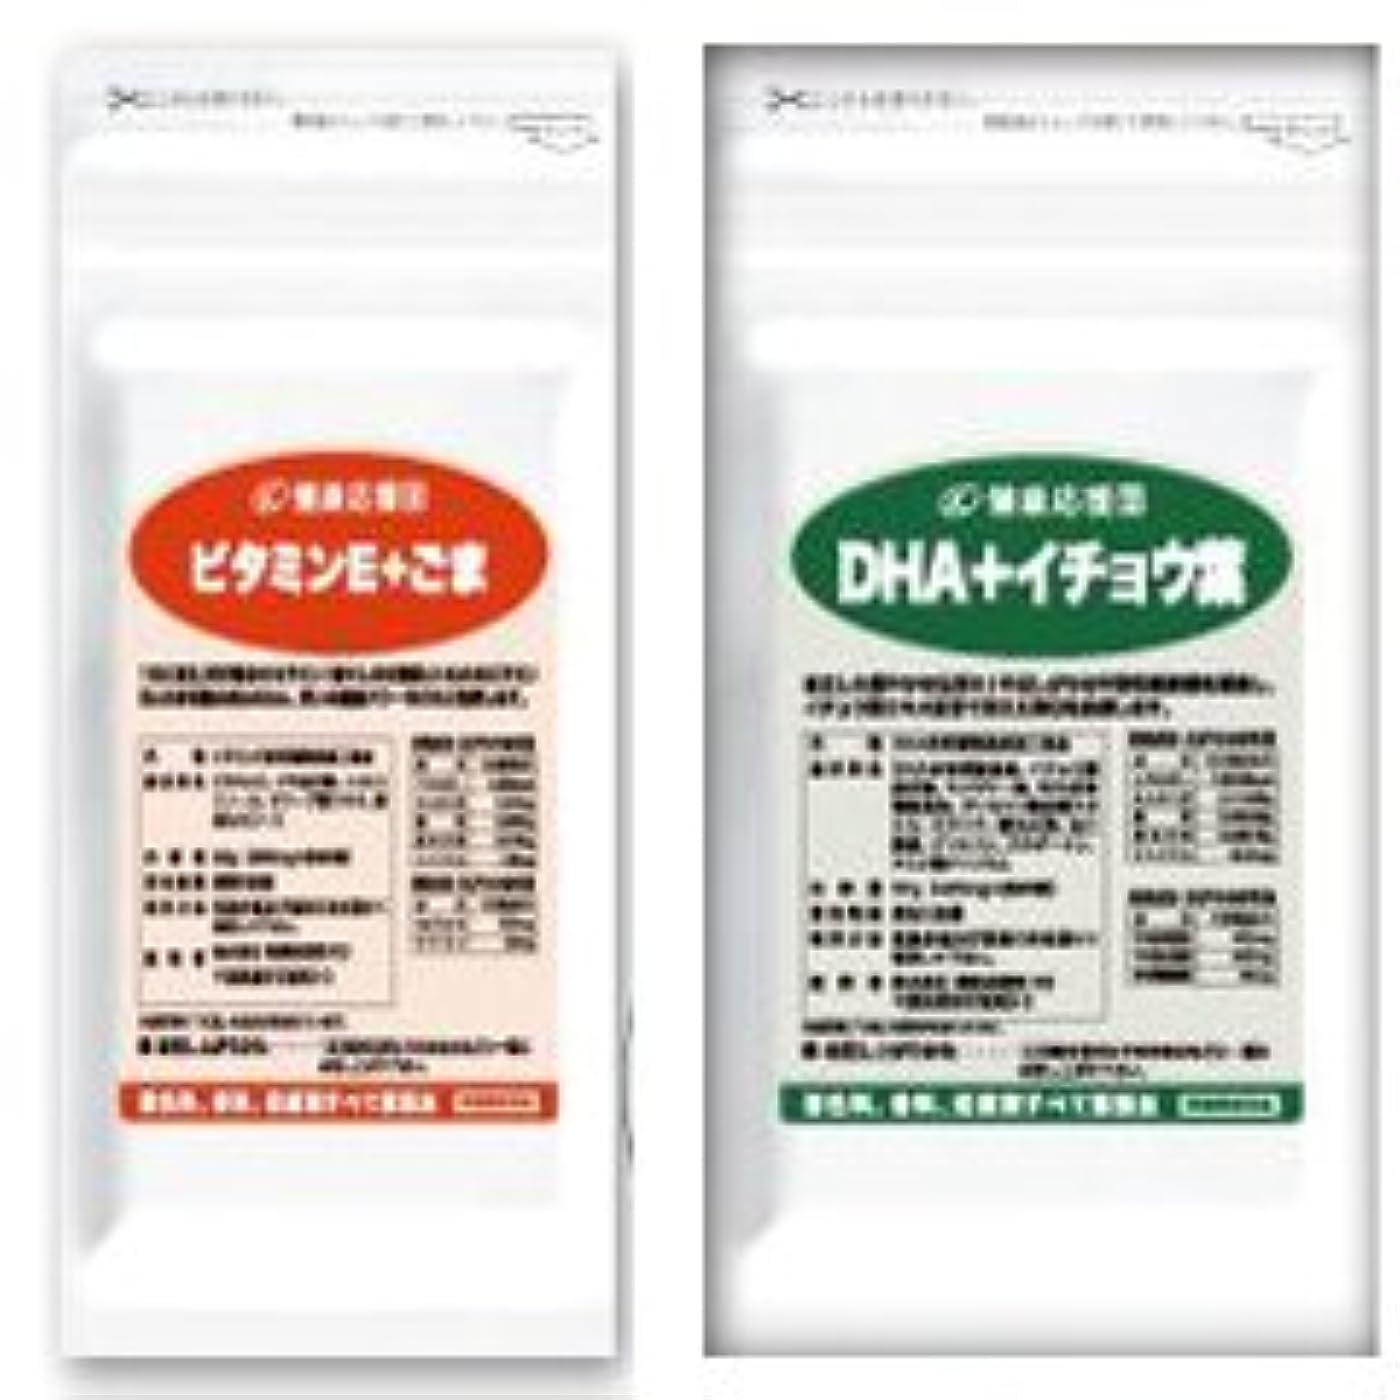 ねばねばシリアル王位毎日元気セット (ビタミンE+ごま) + (DHA+イチョウ葉エキス) (DHA?EPA?ビタミンE?セサミン)